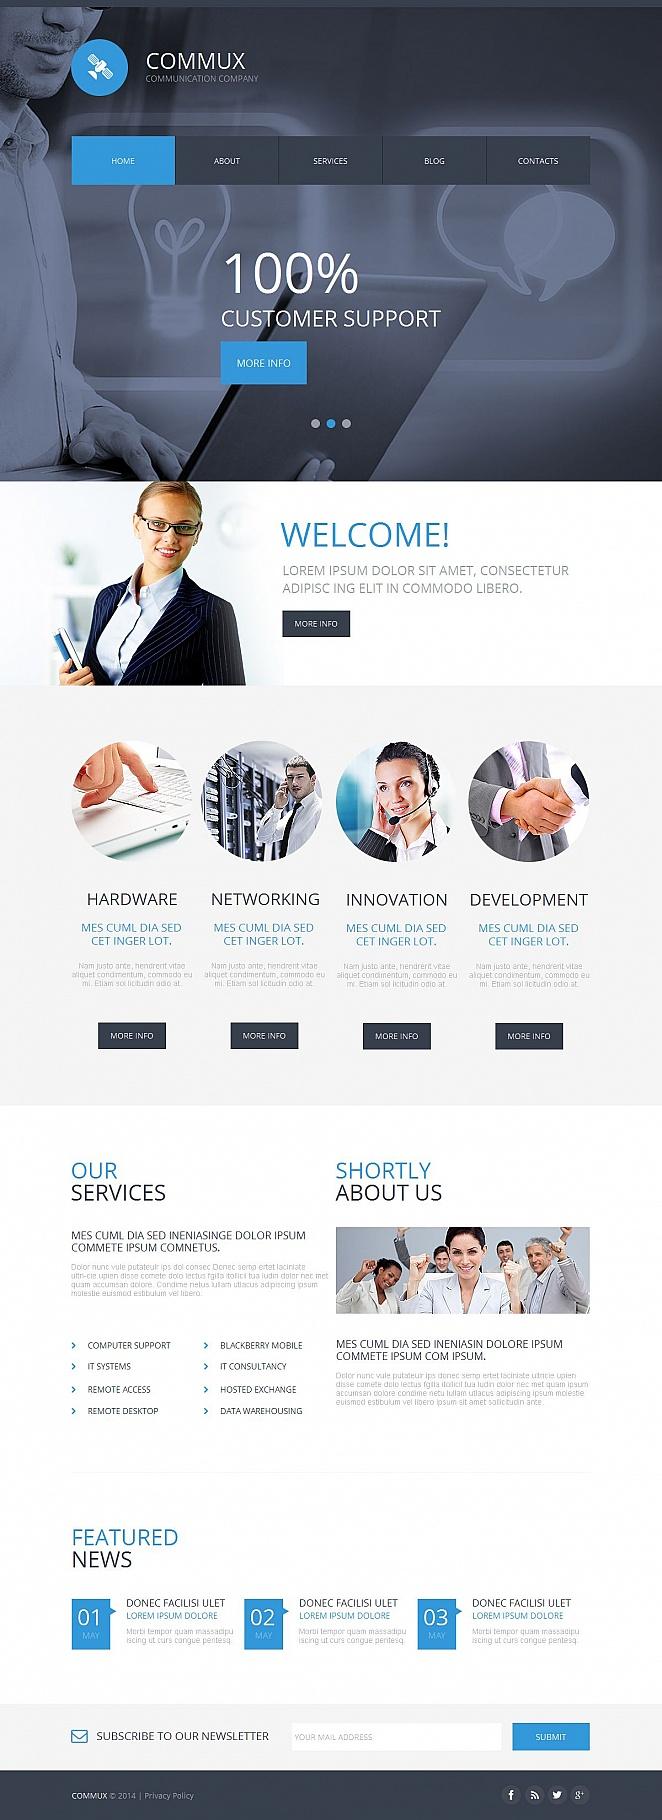 Business Communication Web Tempalte with Huge Header Slider - image